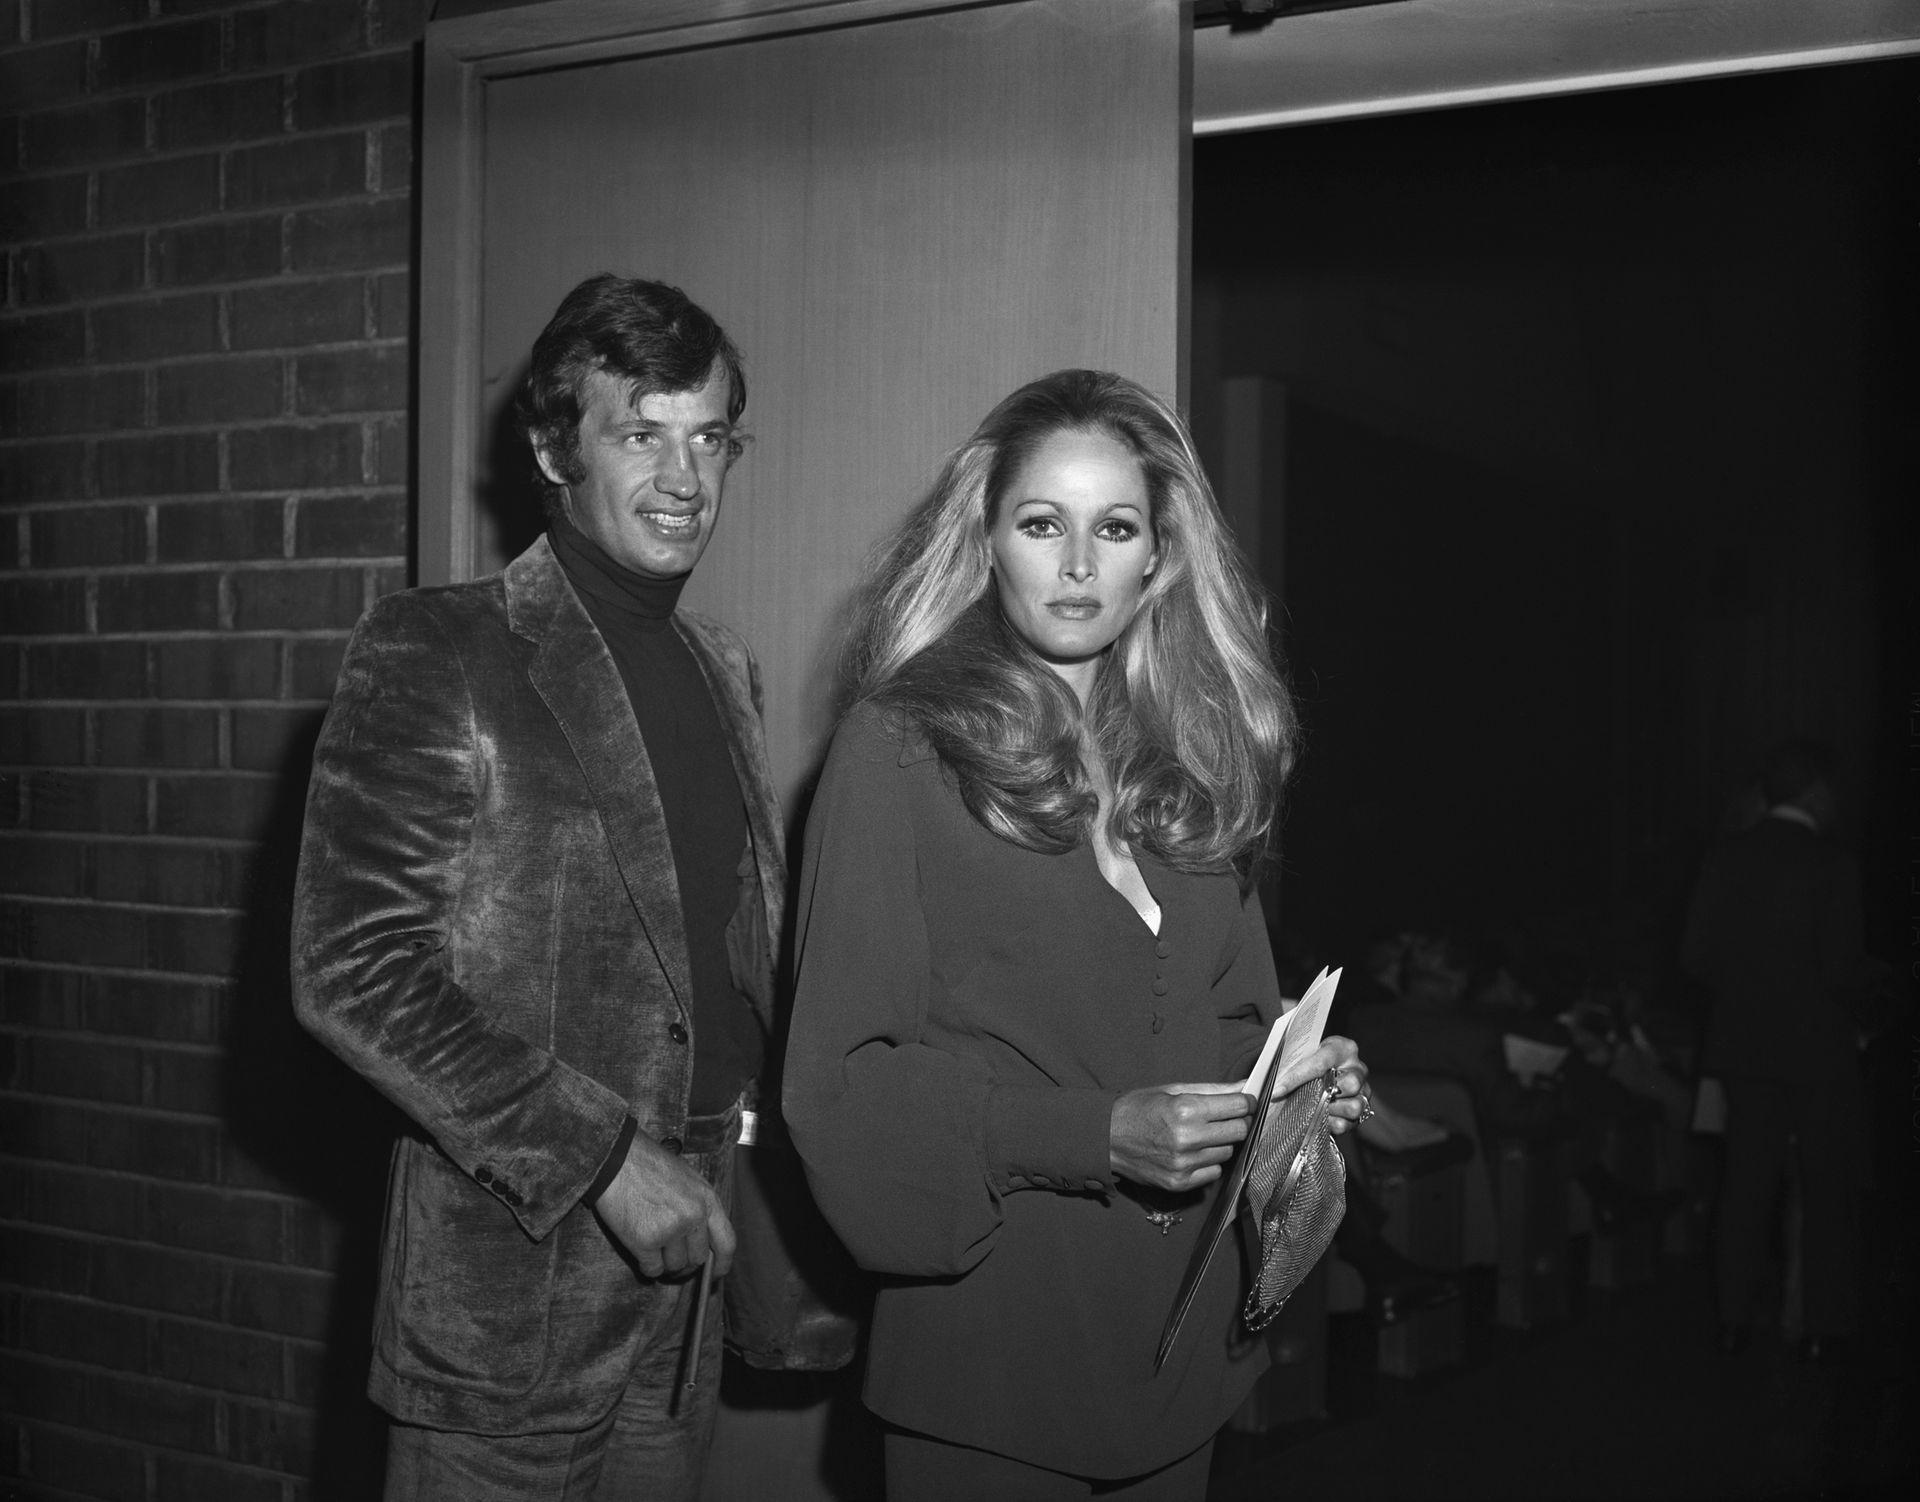 Jean Paul Belmondo y Ursula Andress, una pareja marcada por la estelaridad que terminó en un escándalo